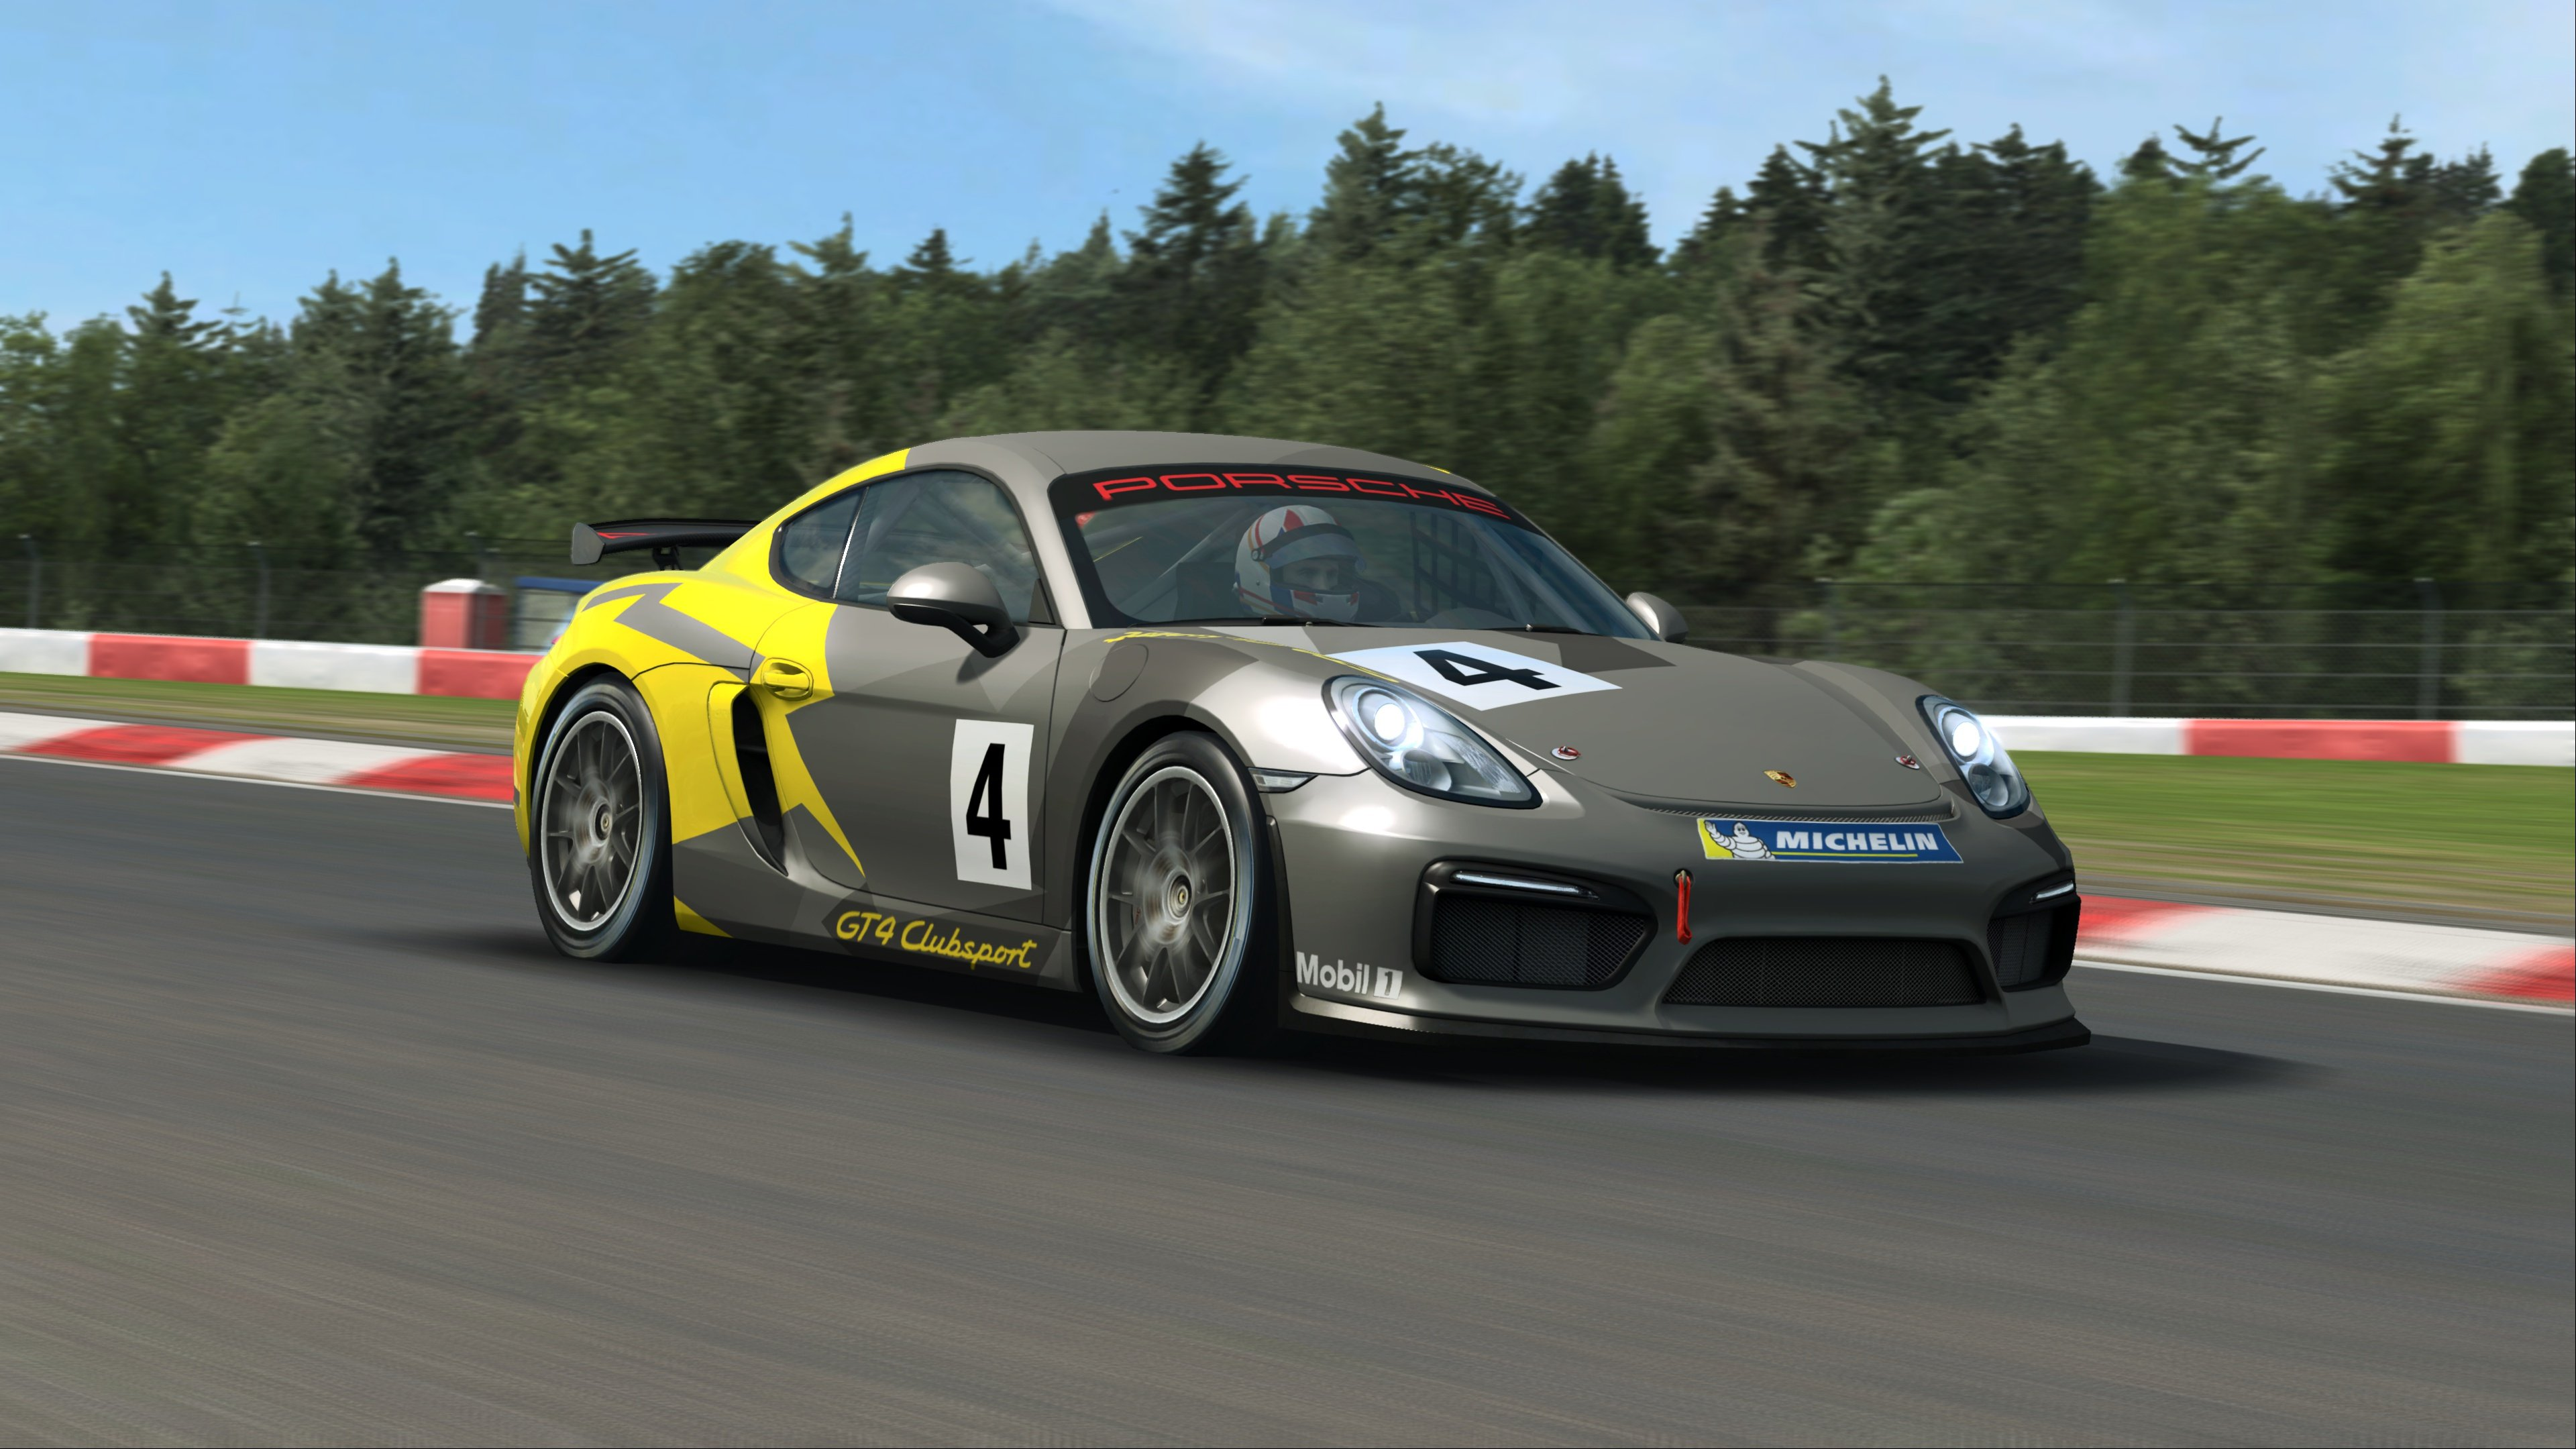 Raceroom Porsche Cayman Gt4 Clubsport Joins The Porsche Dlc 1 Line Up Inside Sim Racing